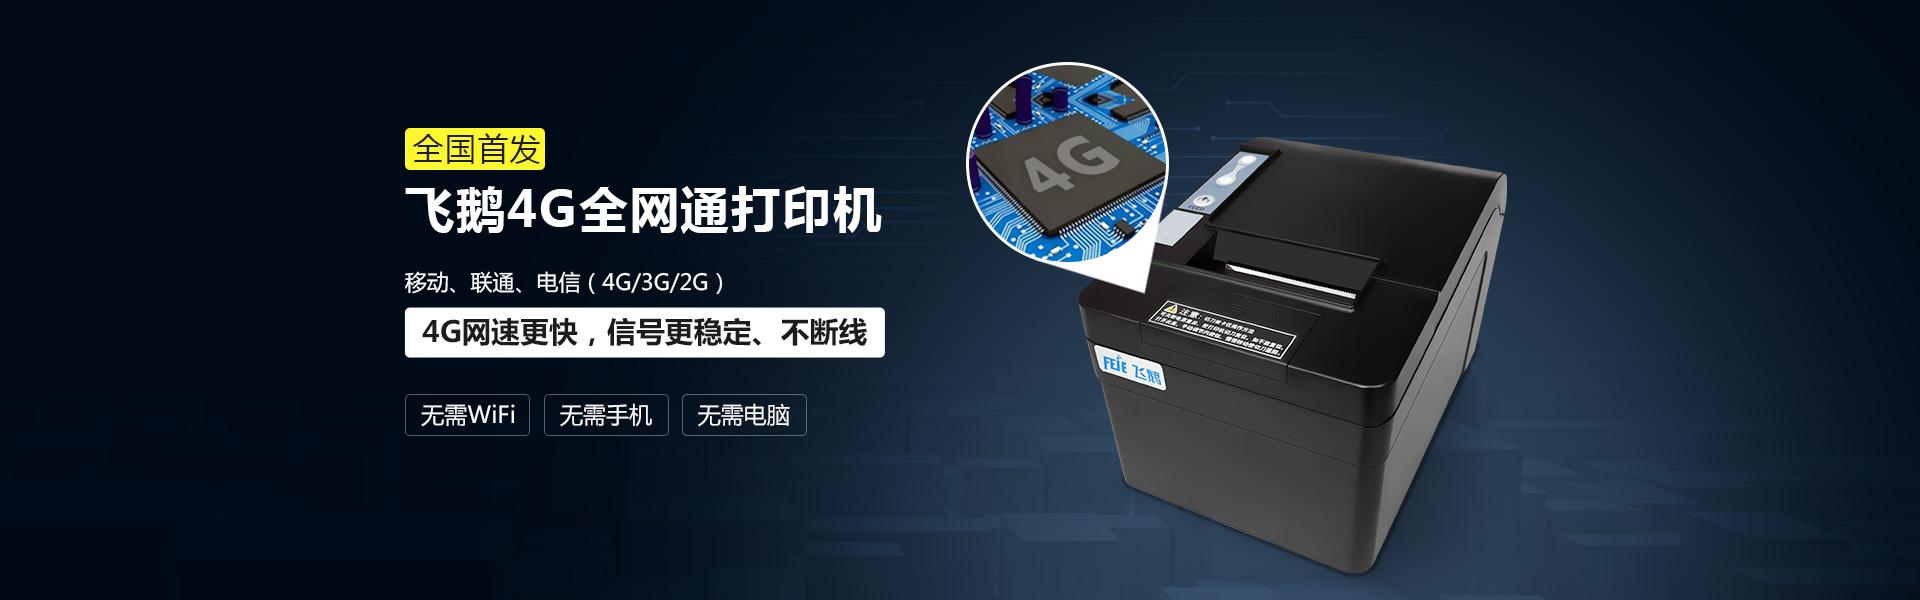 飞鹅_-4G全网通打印机全国首发__